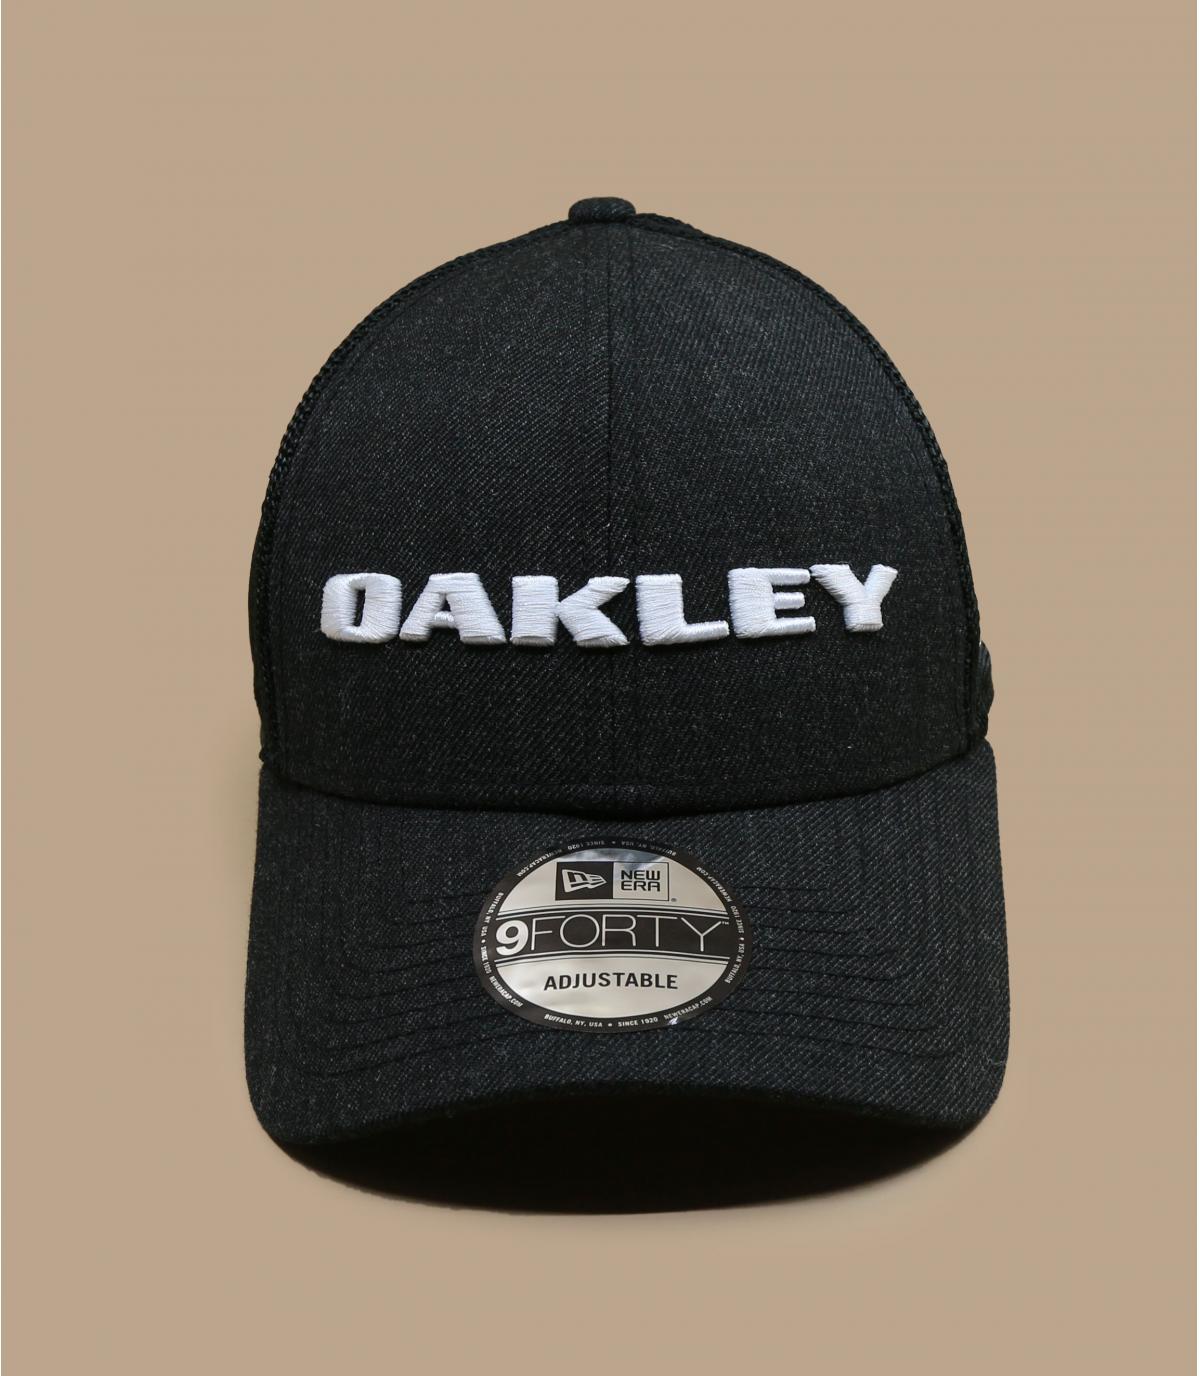 zwarte Oakley trucker